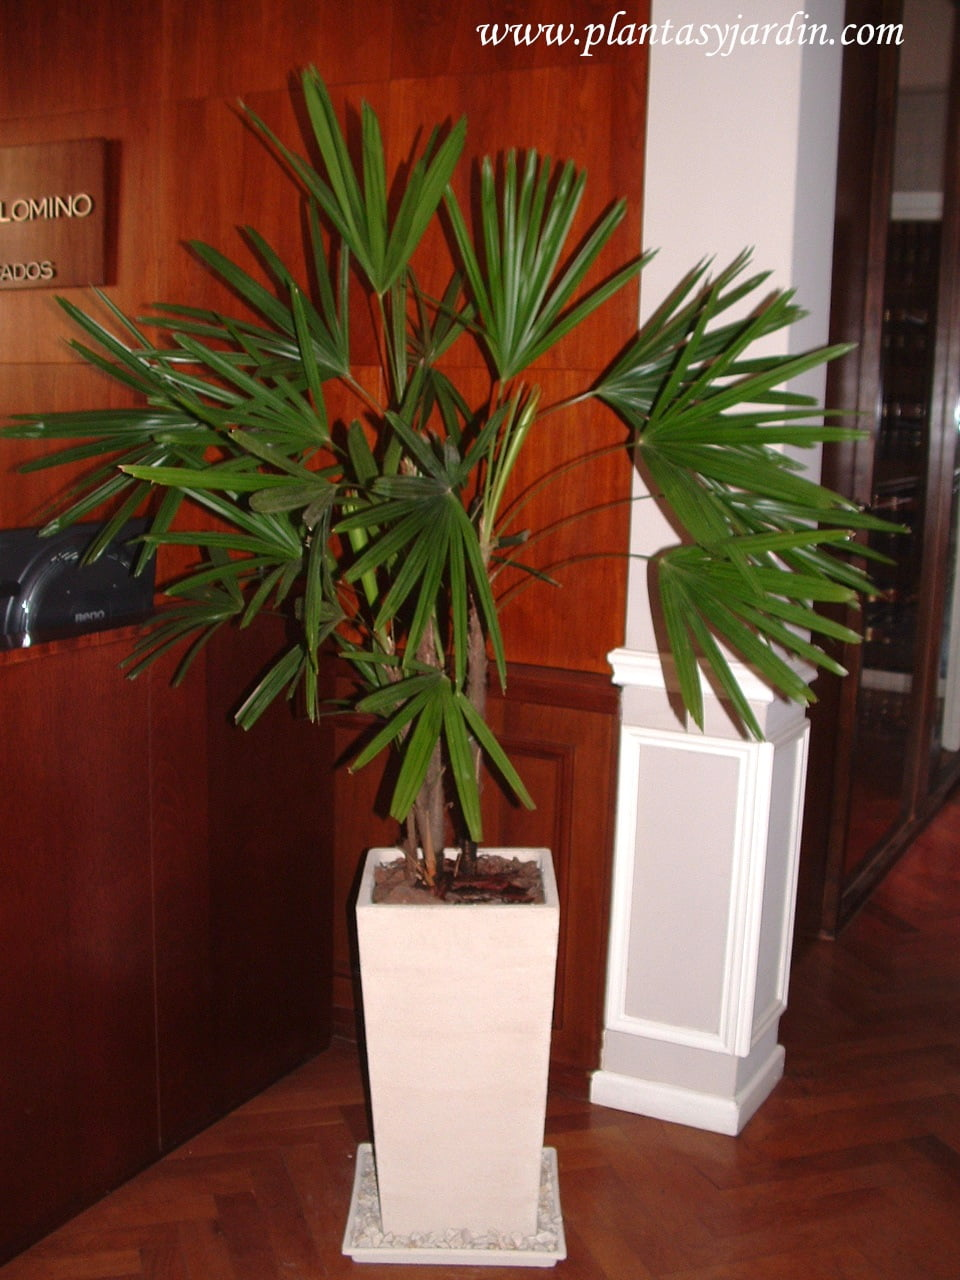 Palmeras caracter sticas generales plantas jard n for Canteros con piedras y plantas